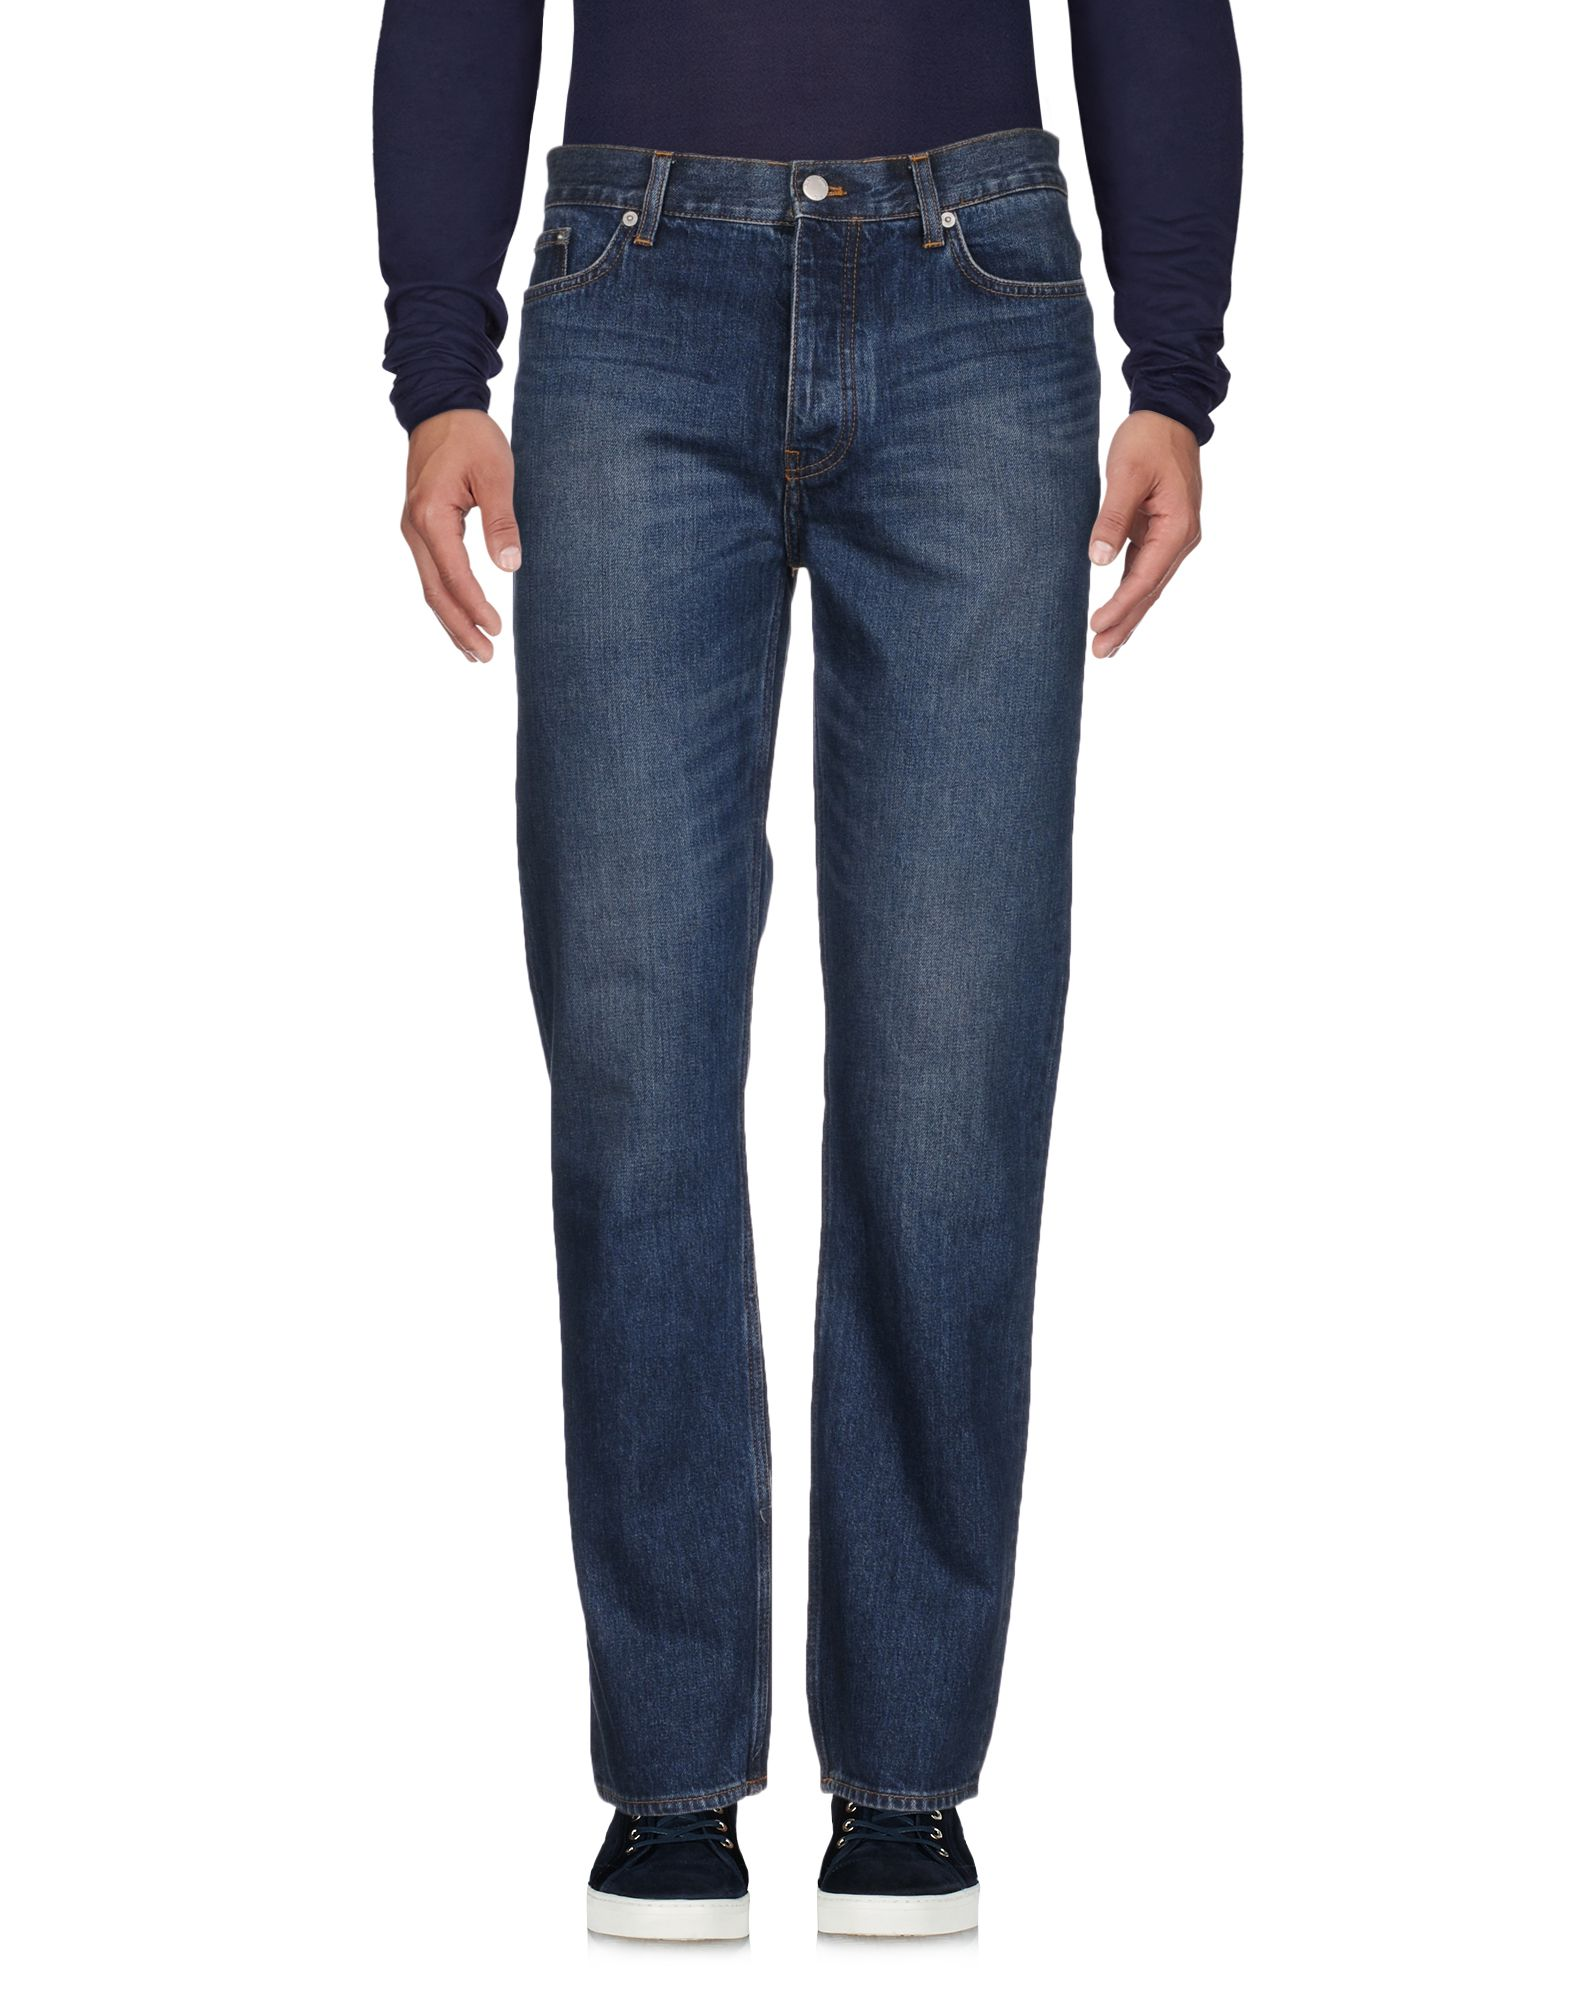 Pantaloni Jeans Blk Dnm 42681509FB Uomo - 42681509FB Dnm 74190e